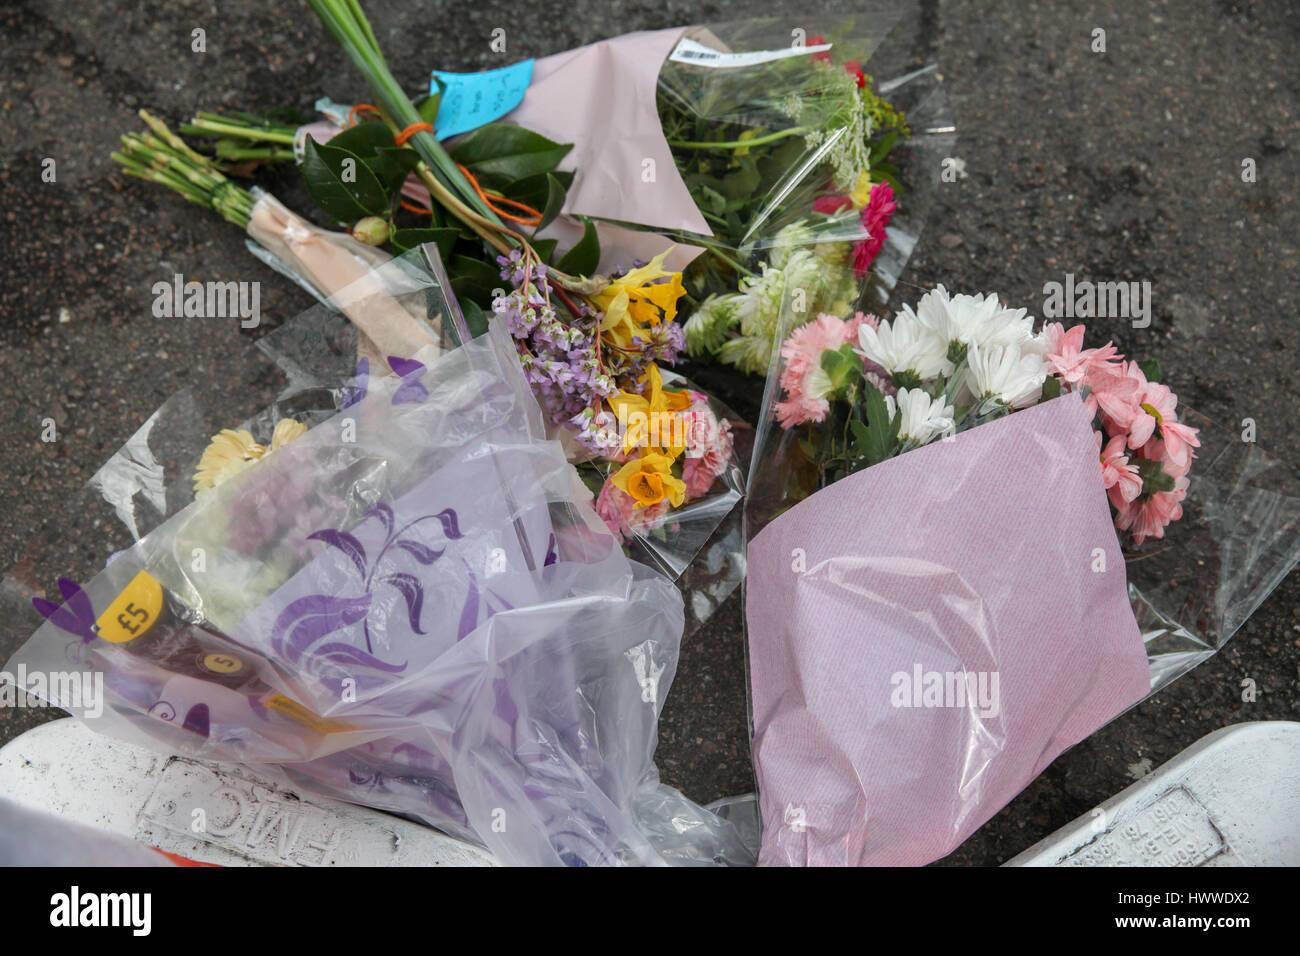 Westminster, London, UK 23 Mar 2017- homenajes florales en Westminster Bridge. Scotland Yard dijo el 23 de marzo de 2017 que la policía ha realizado siete arrestos en redadas realizadas durante la noche en Birmingham, Londres y otras ciudades en el país tras el ataque terrorista en el Palacio de Westminster y el puente de Westminster, el 22 de marzo de 2017, dejando un saldo de cuatro muertos, incluido el atacante, y 29 personas resultaron heridas. Crédito: Dinendra Haria/Alamy Live News Foto de stock